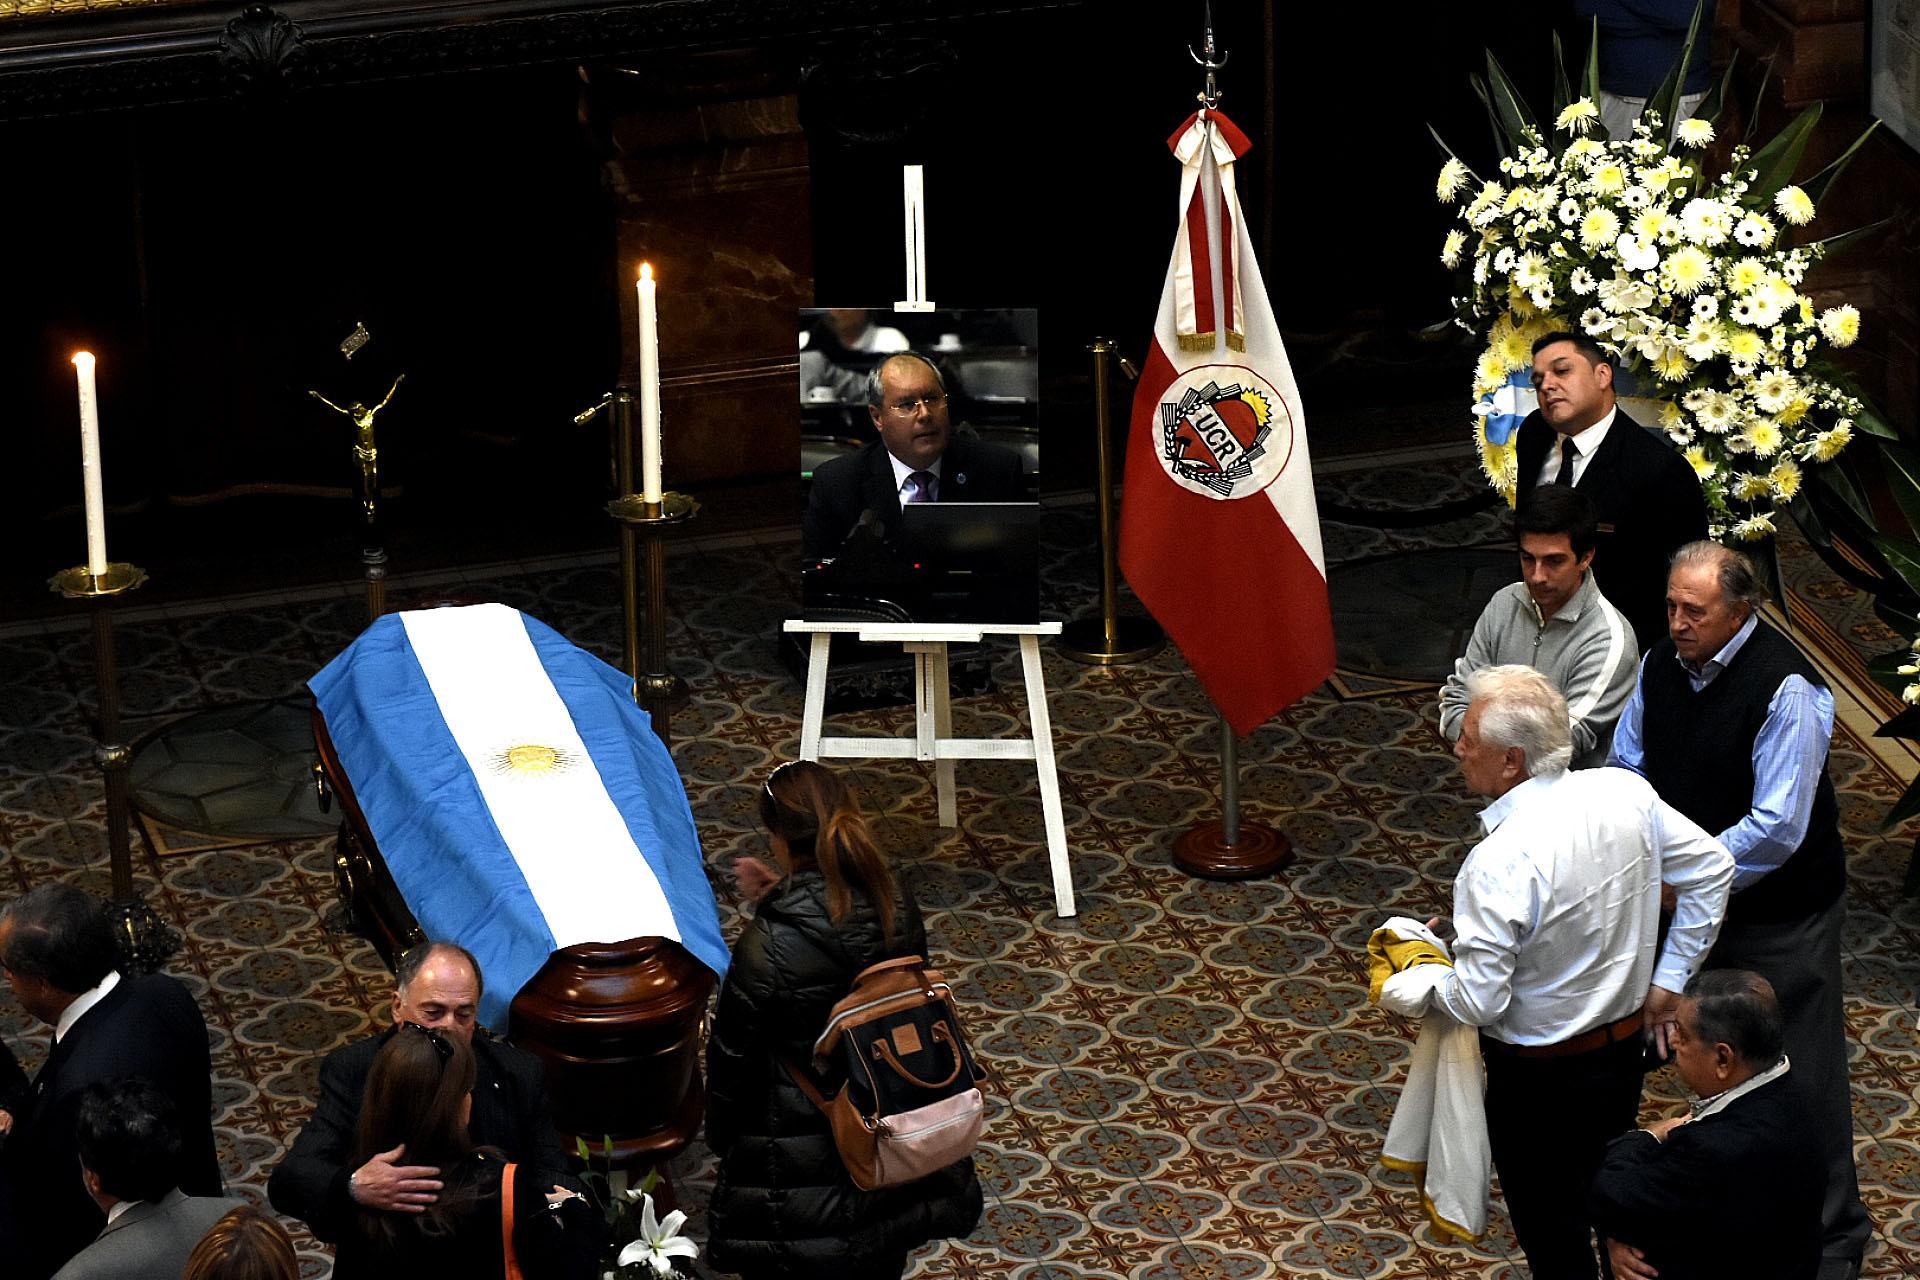 El diputado nacional falleció este domingo luego de estar tres días internado